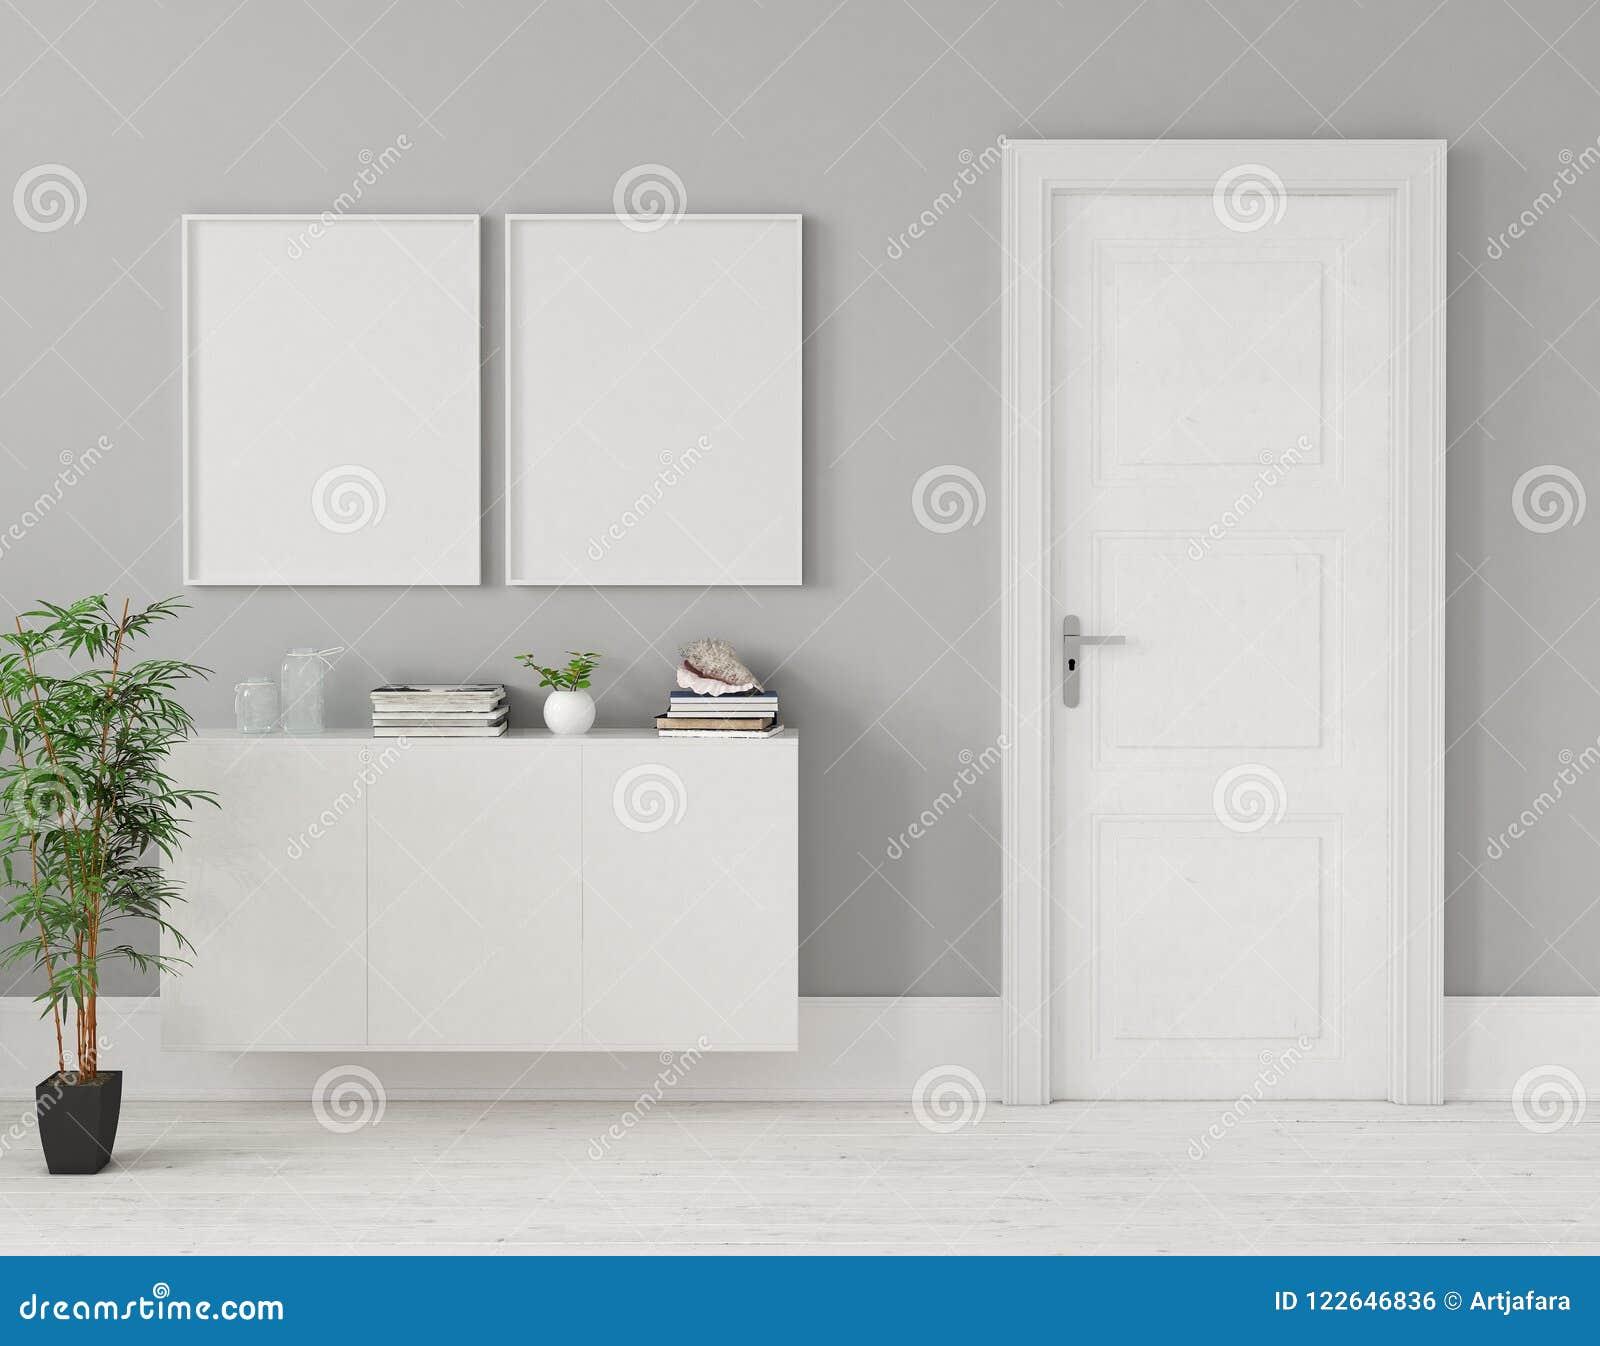 Modellposter im Hauptinnenraum mit Kommode und Anlage nahe Tür